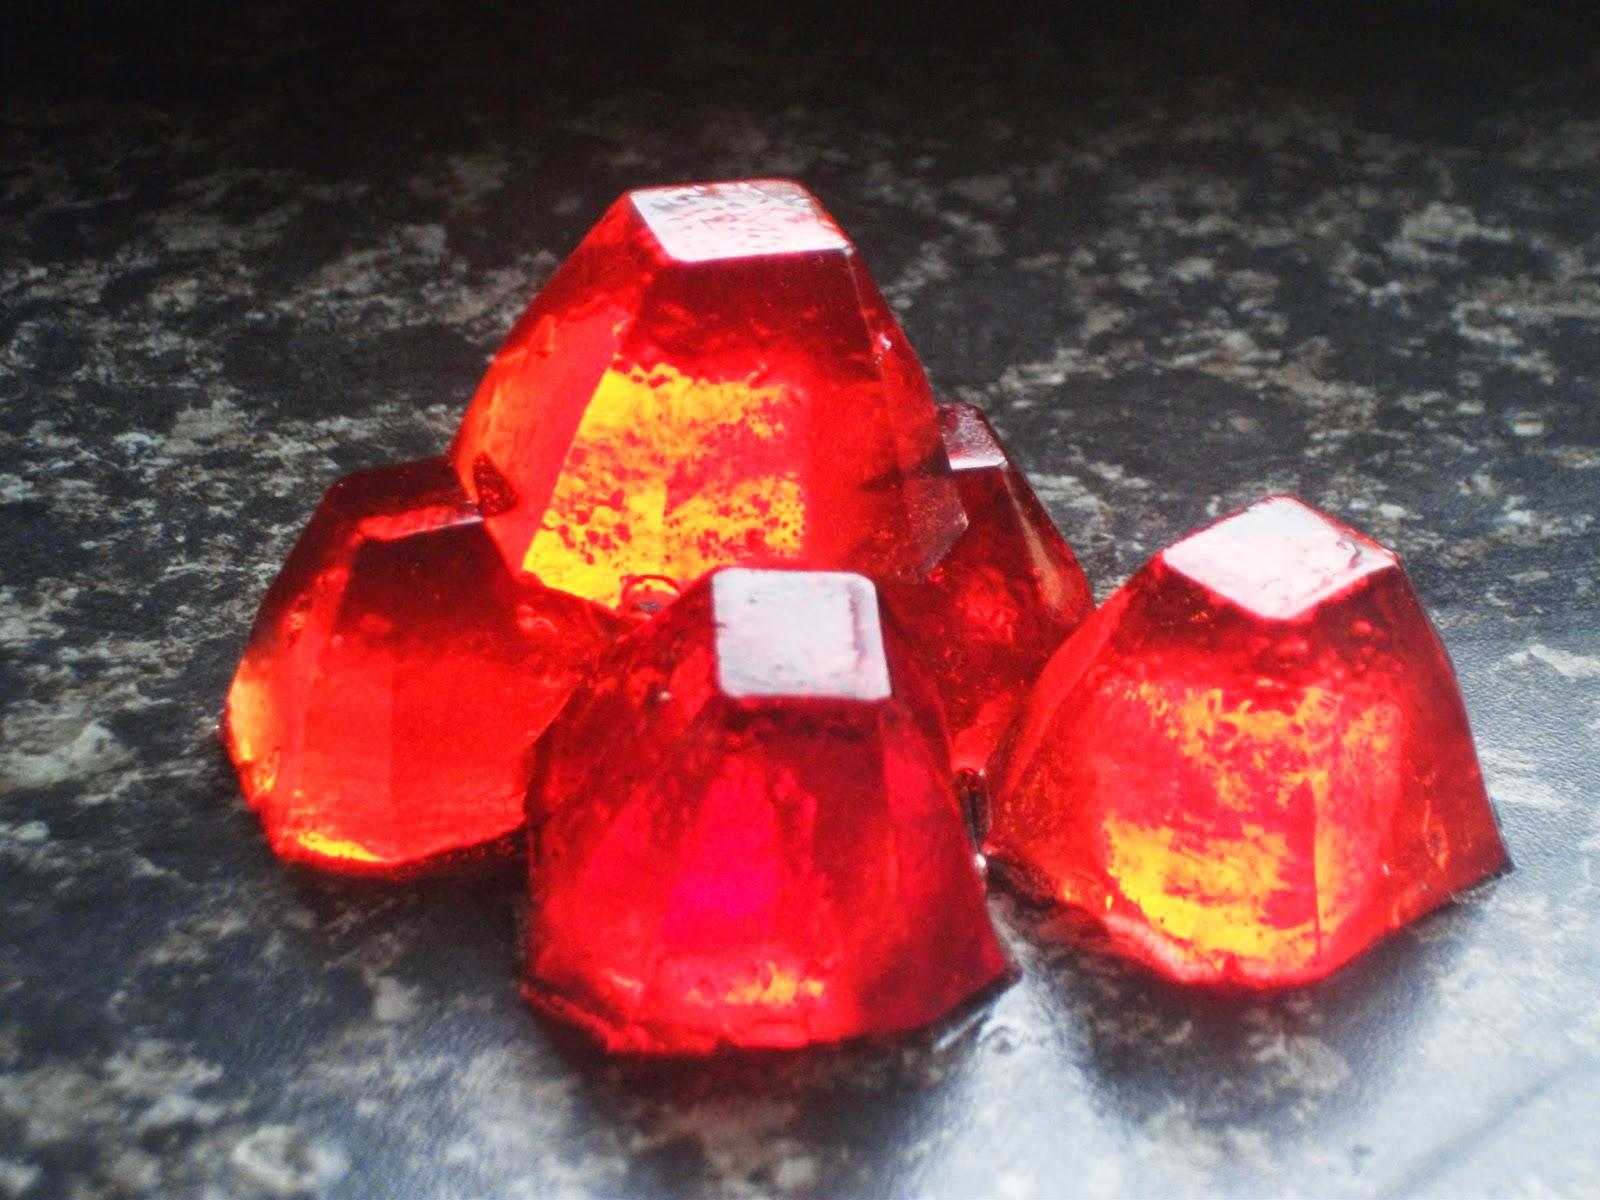 Gummy gems